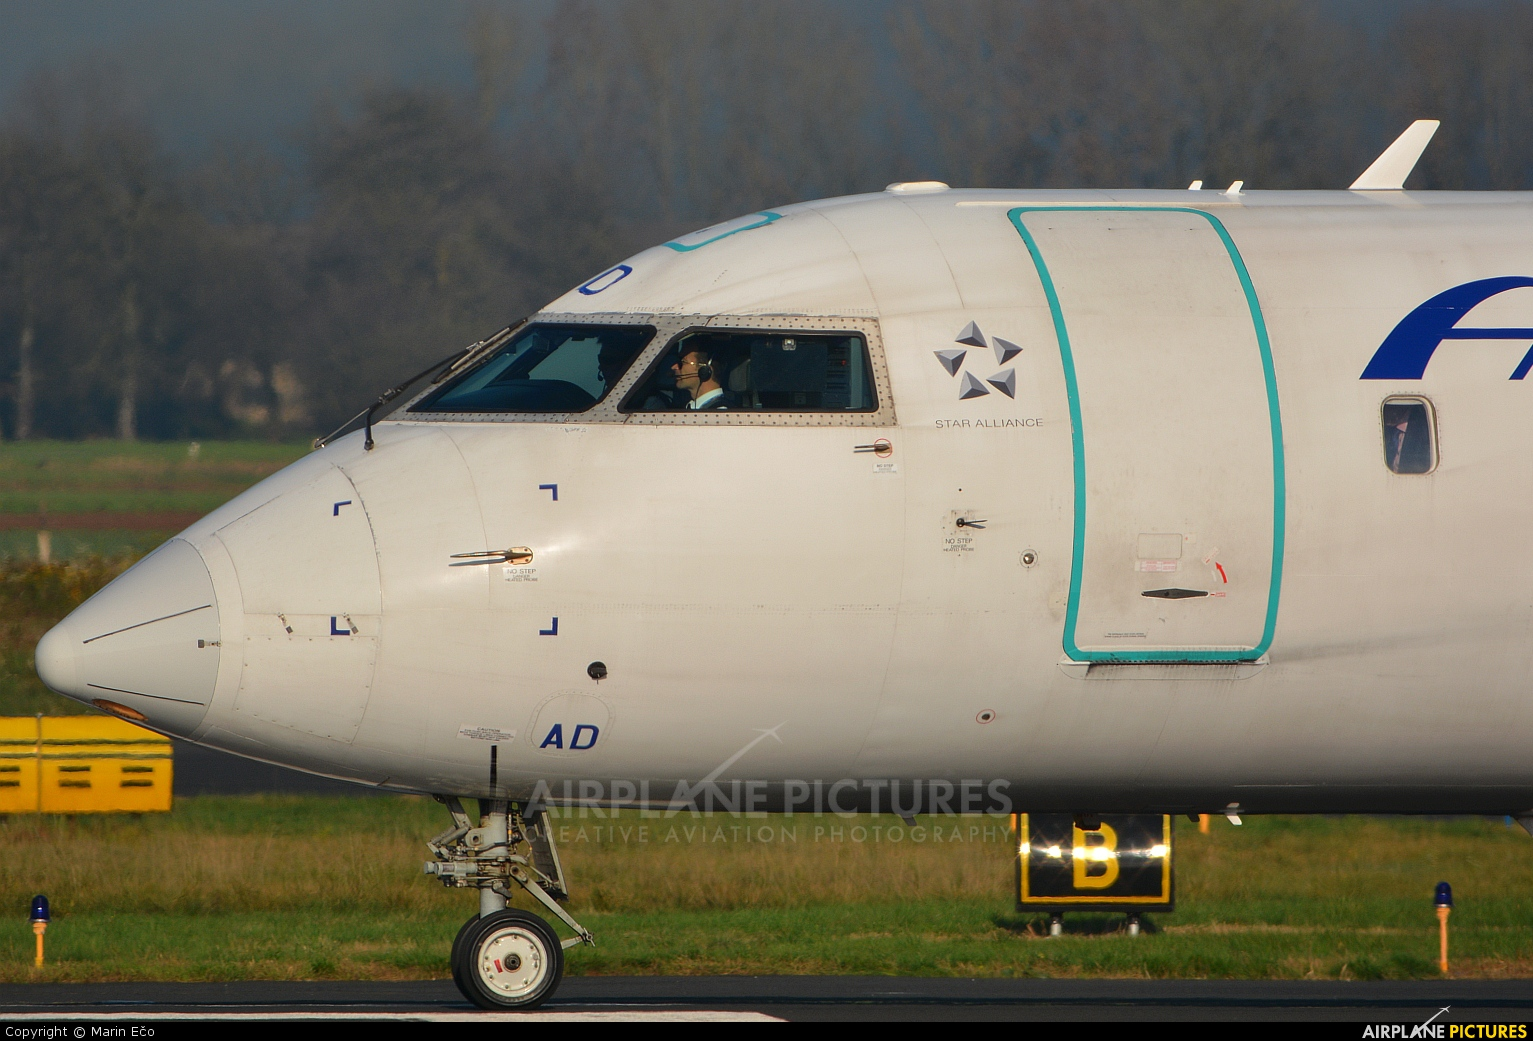 Adria Airways S5-AAD aircraft at Ljubljana - Brnik